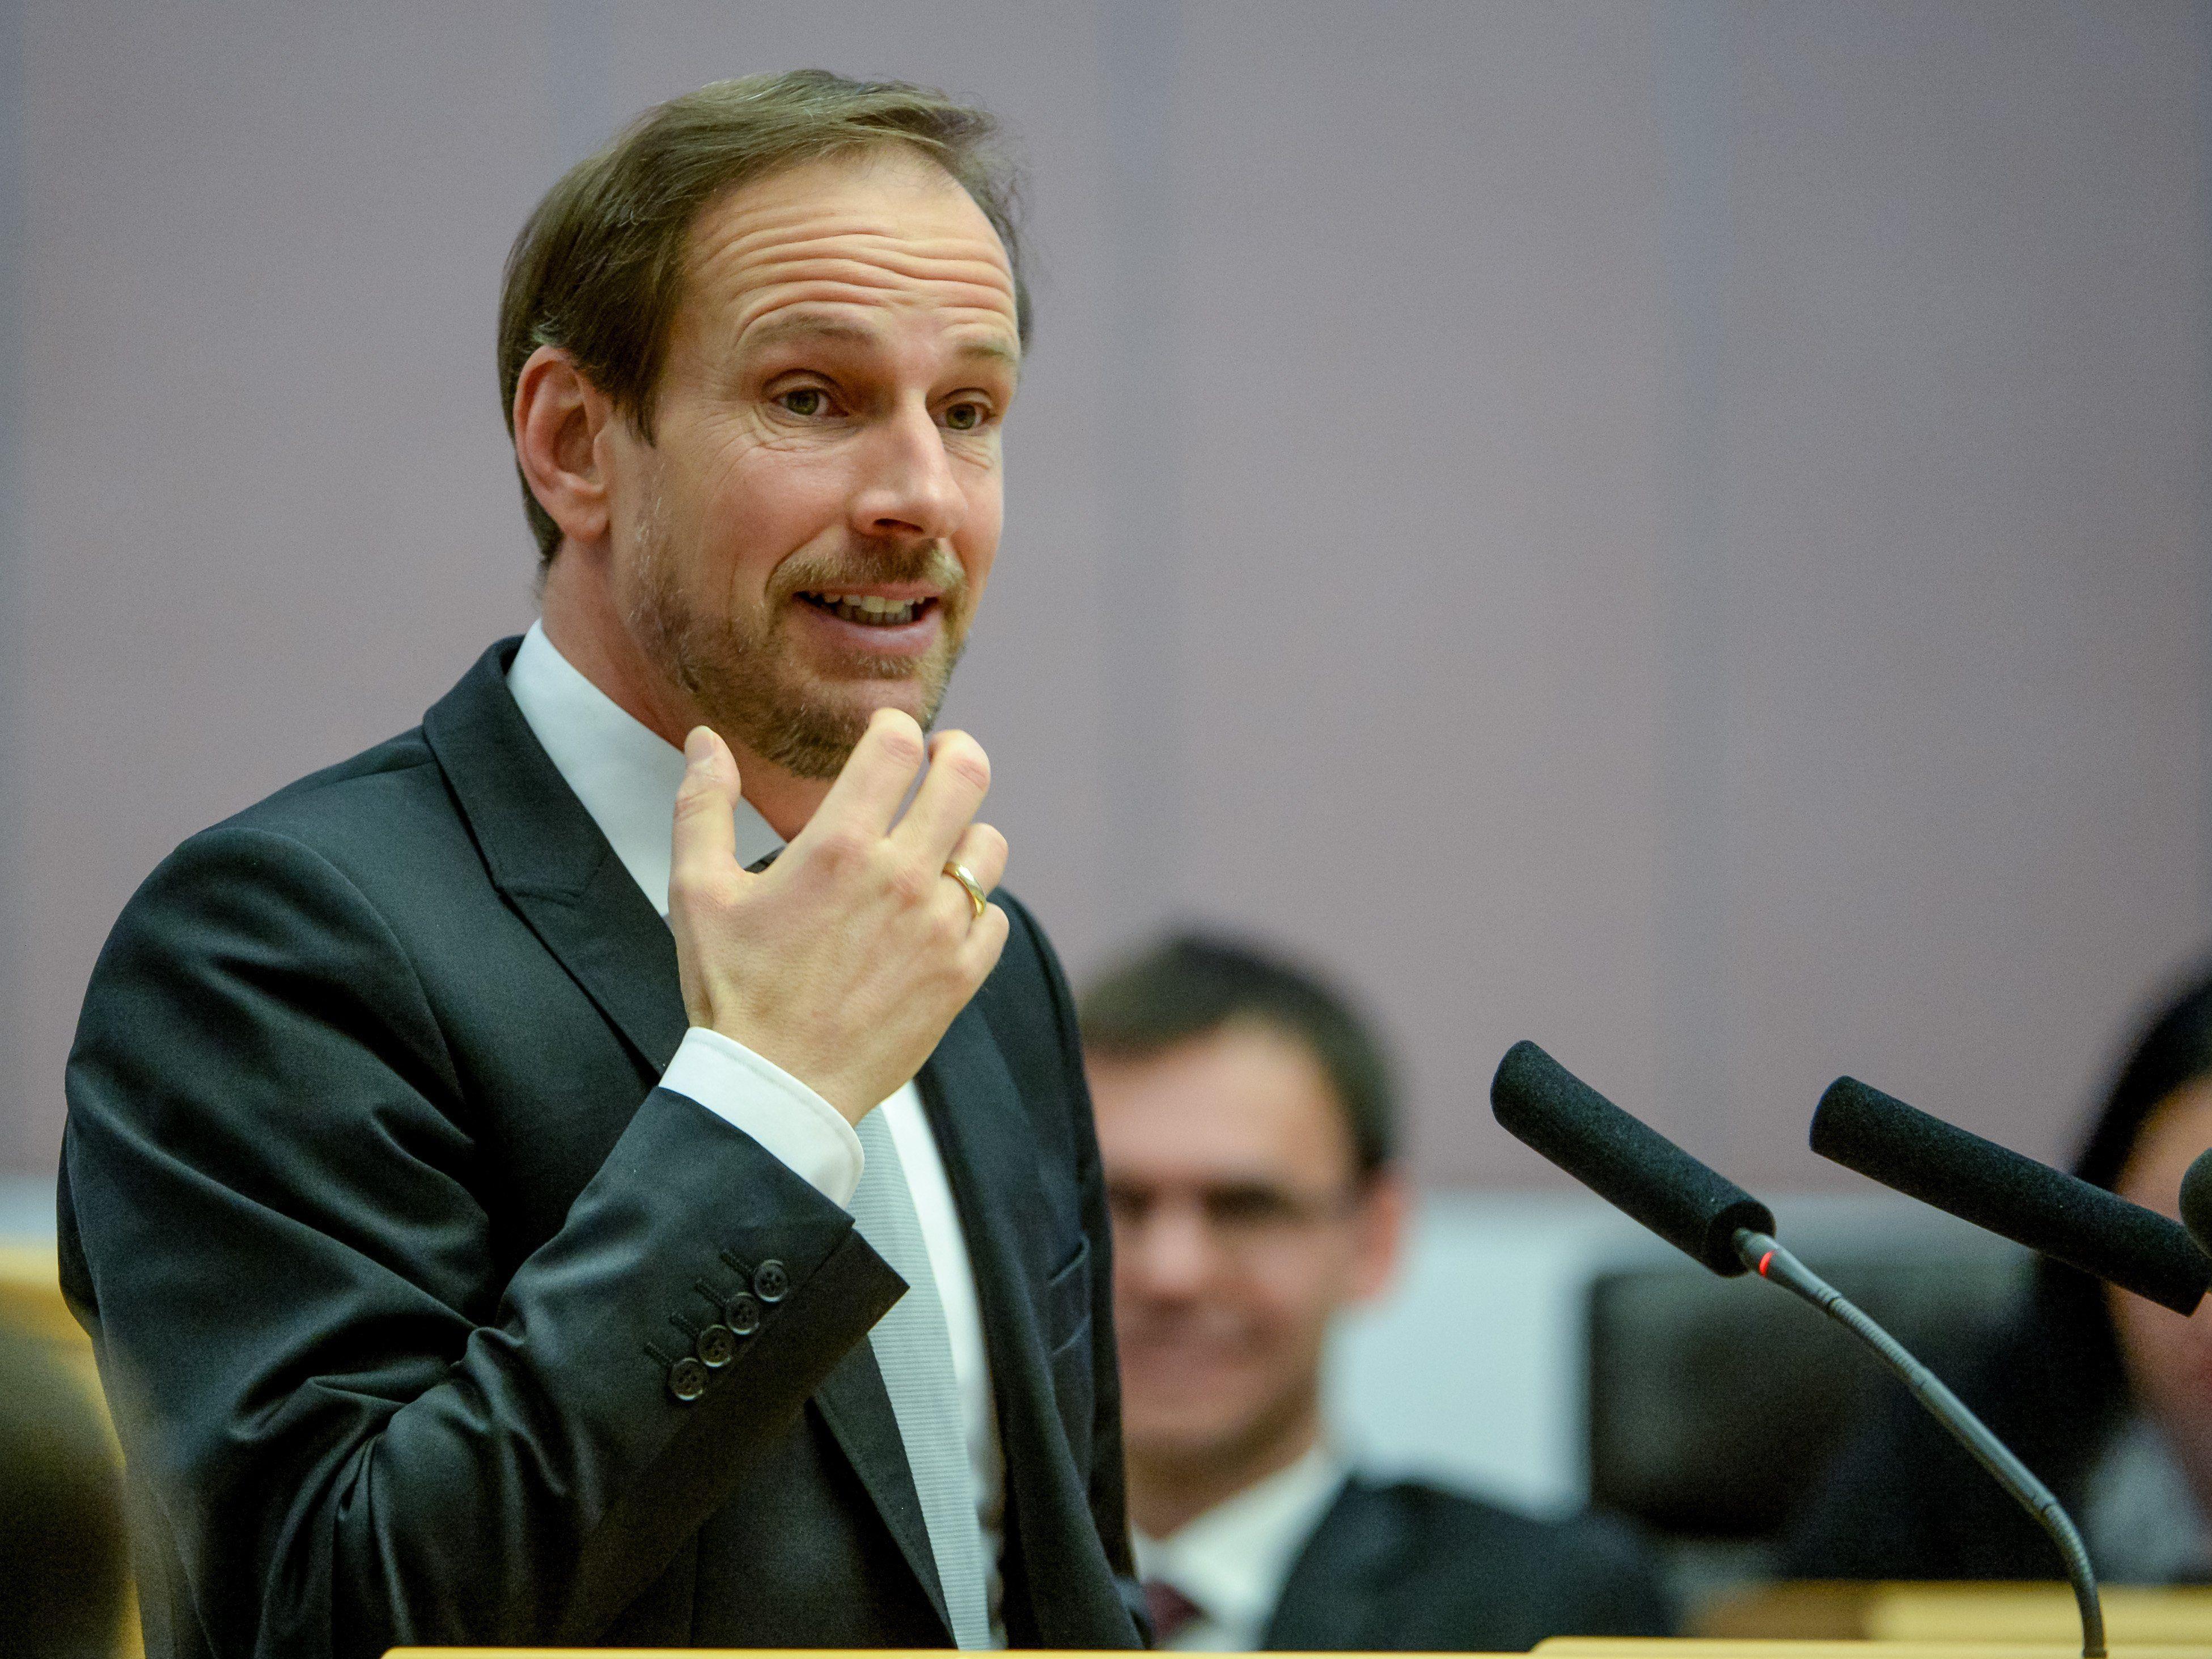 FPÖ, SPÖ und NEOS enttäuscht über mangelnde Reformbereitschaft.